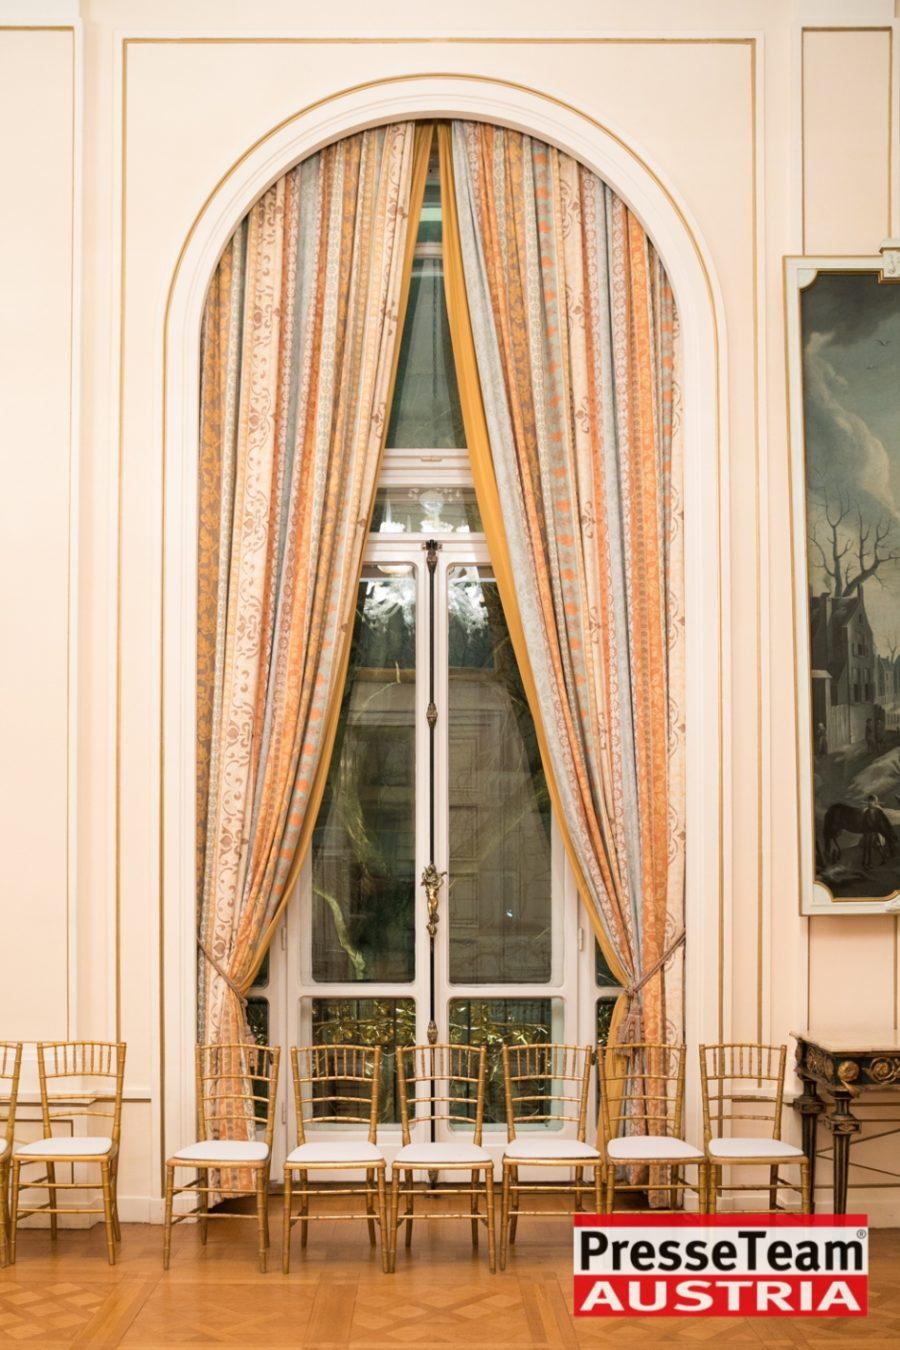 eannine Schiller französische Botschaft Wien 71 - Jeannine Schiller Veranstaltung in der französischen Botschaft